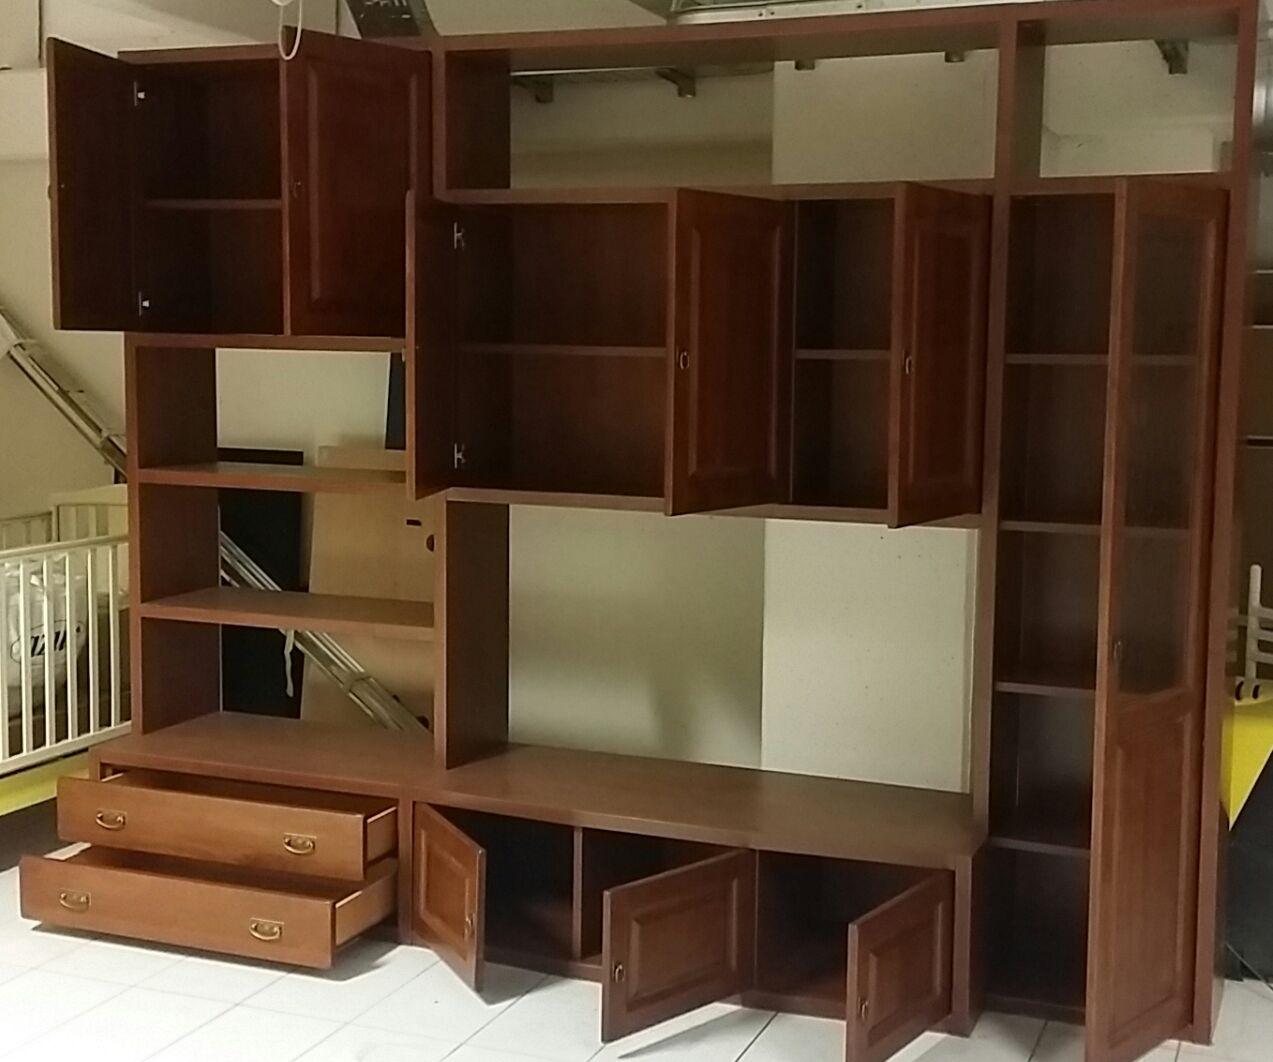 Offerta soggiorno classico in legno soggiorni a prezzi - Soggiorni in legno ...